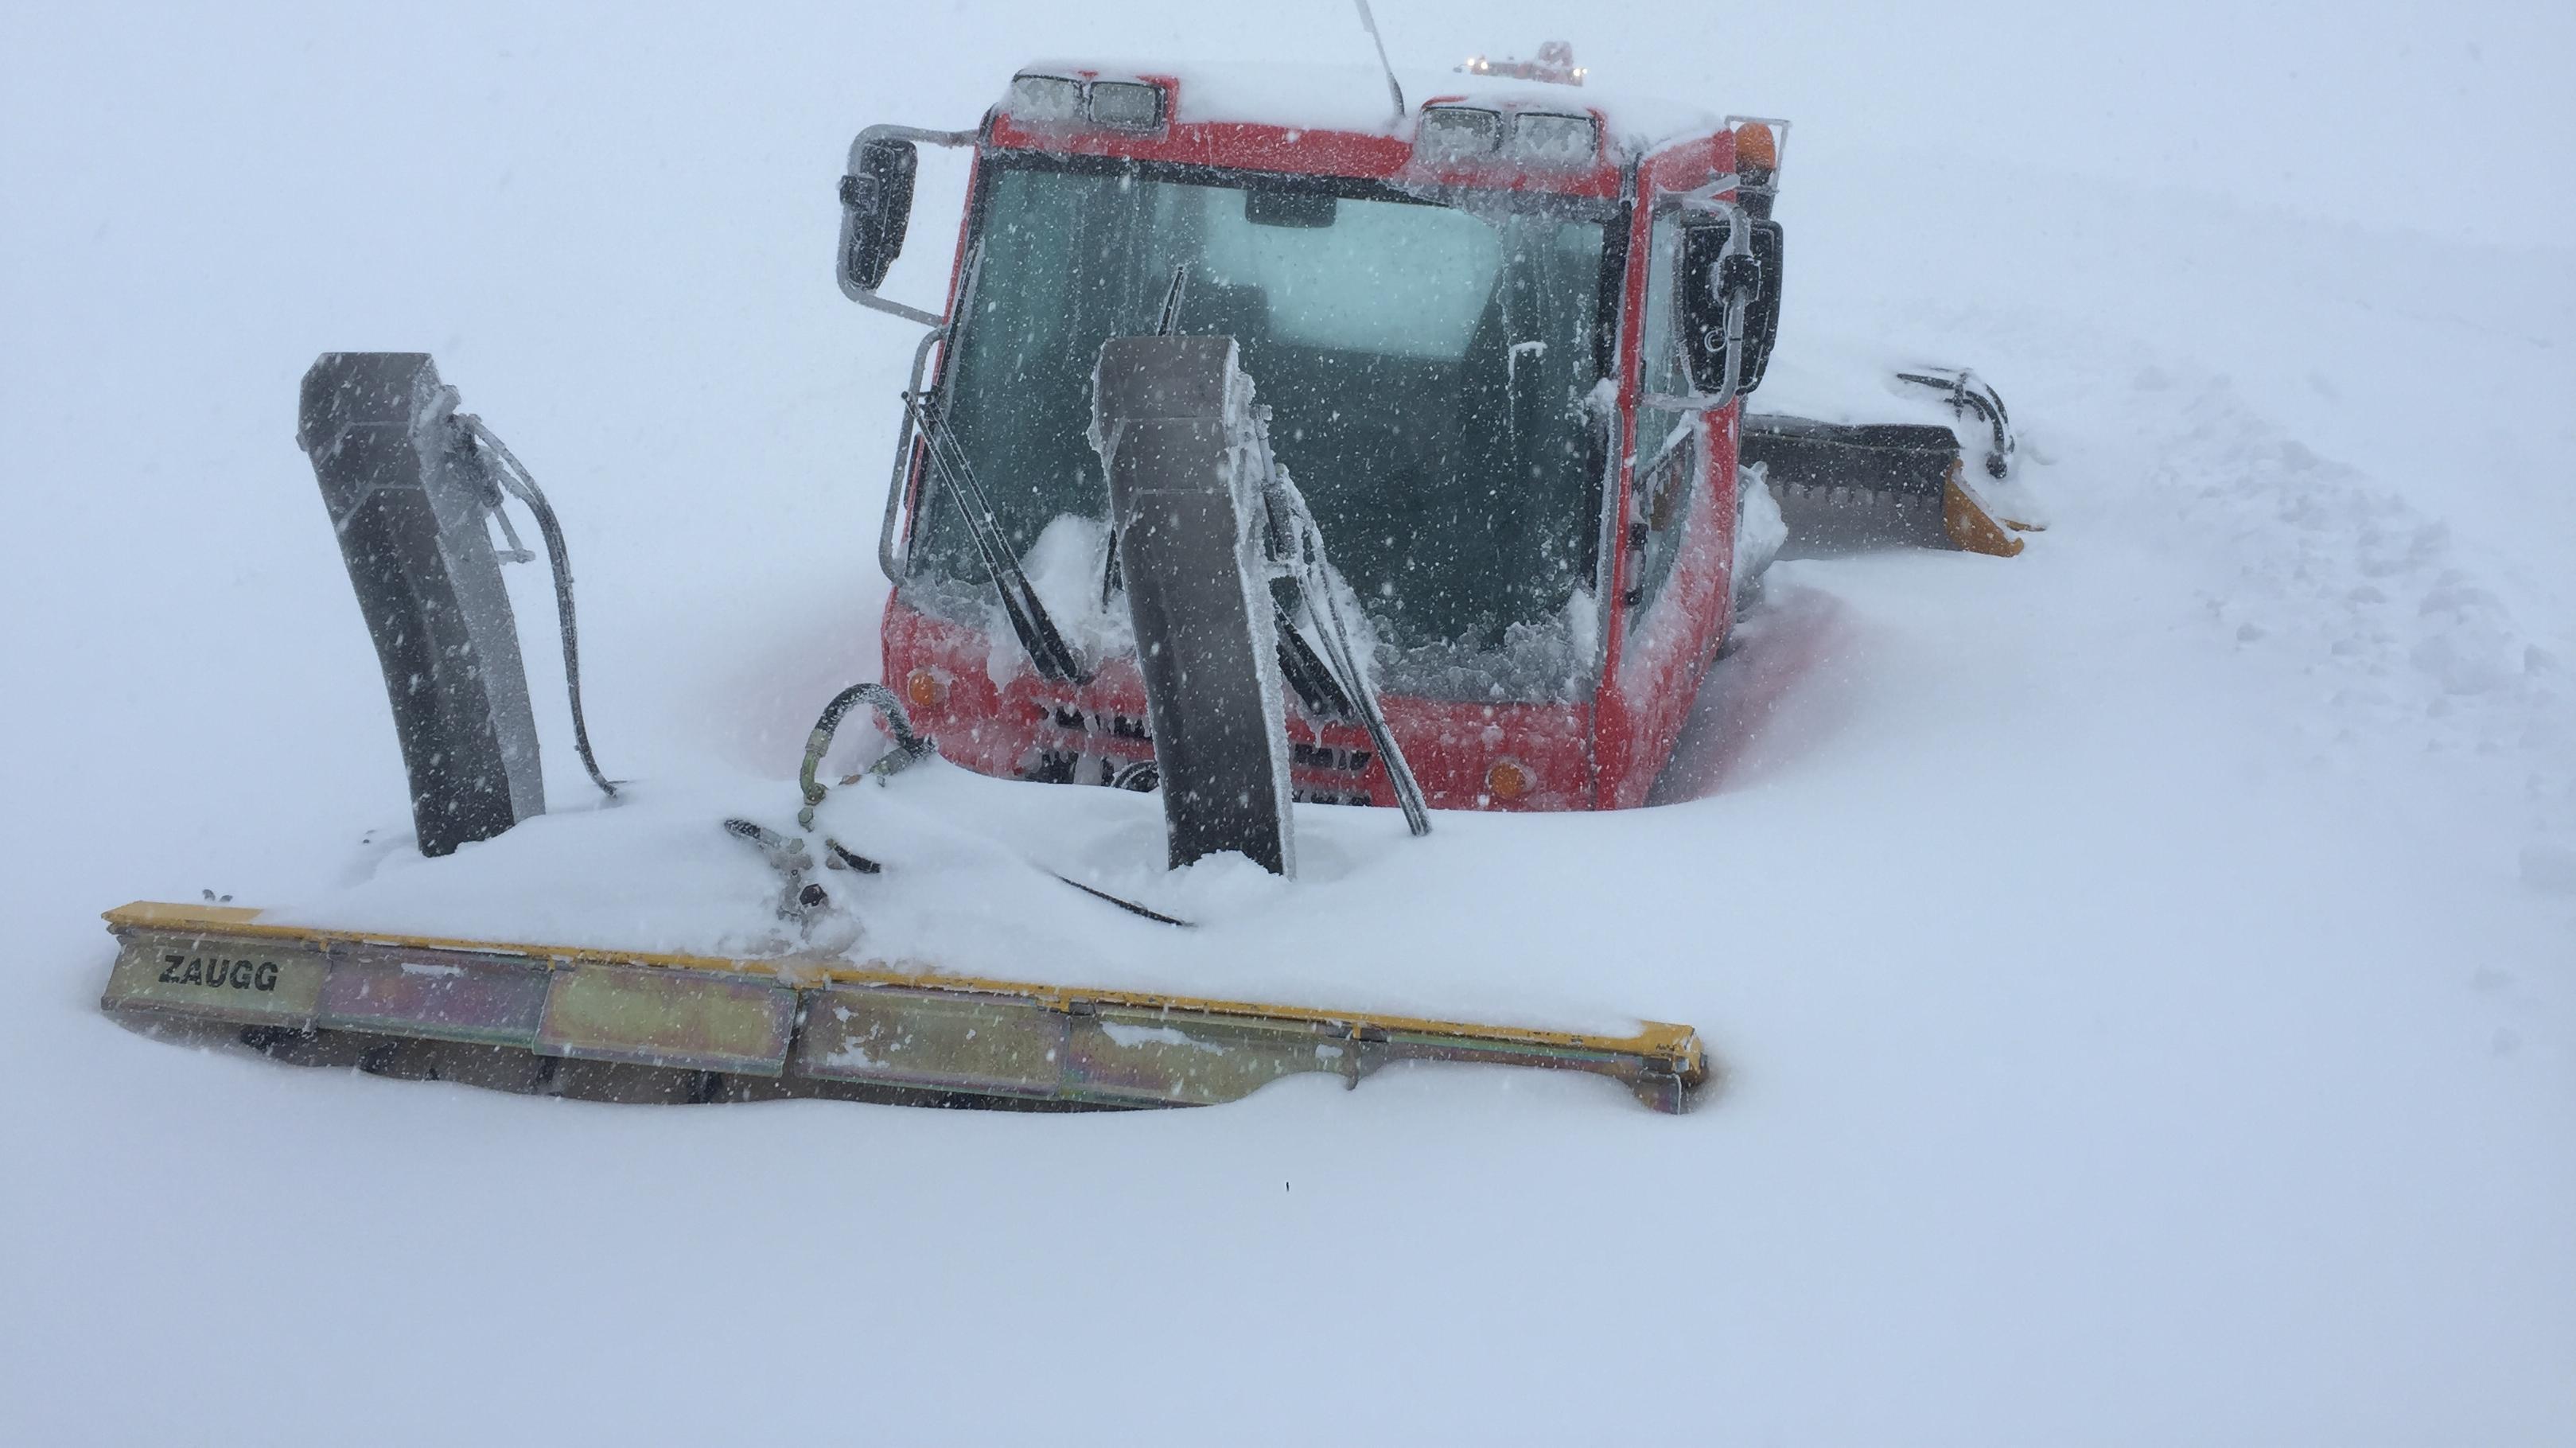 Ein eingeschneiter Pistenbully am Nebelhorn im Allgäu.